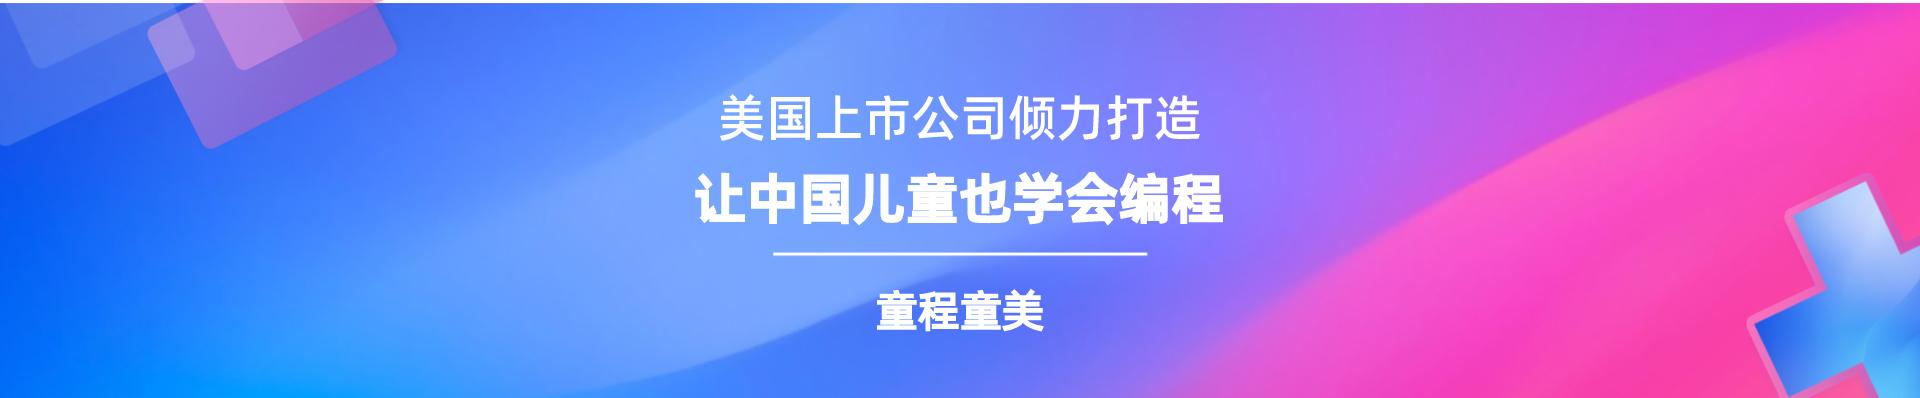 上海闵行童程童美少儿编程培训